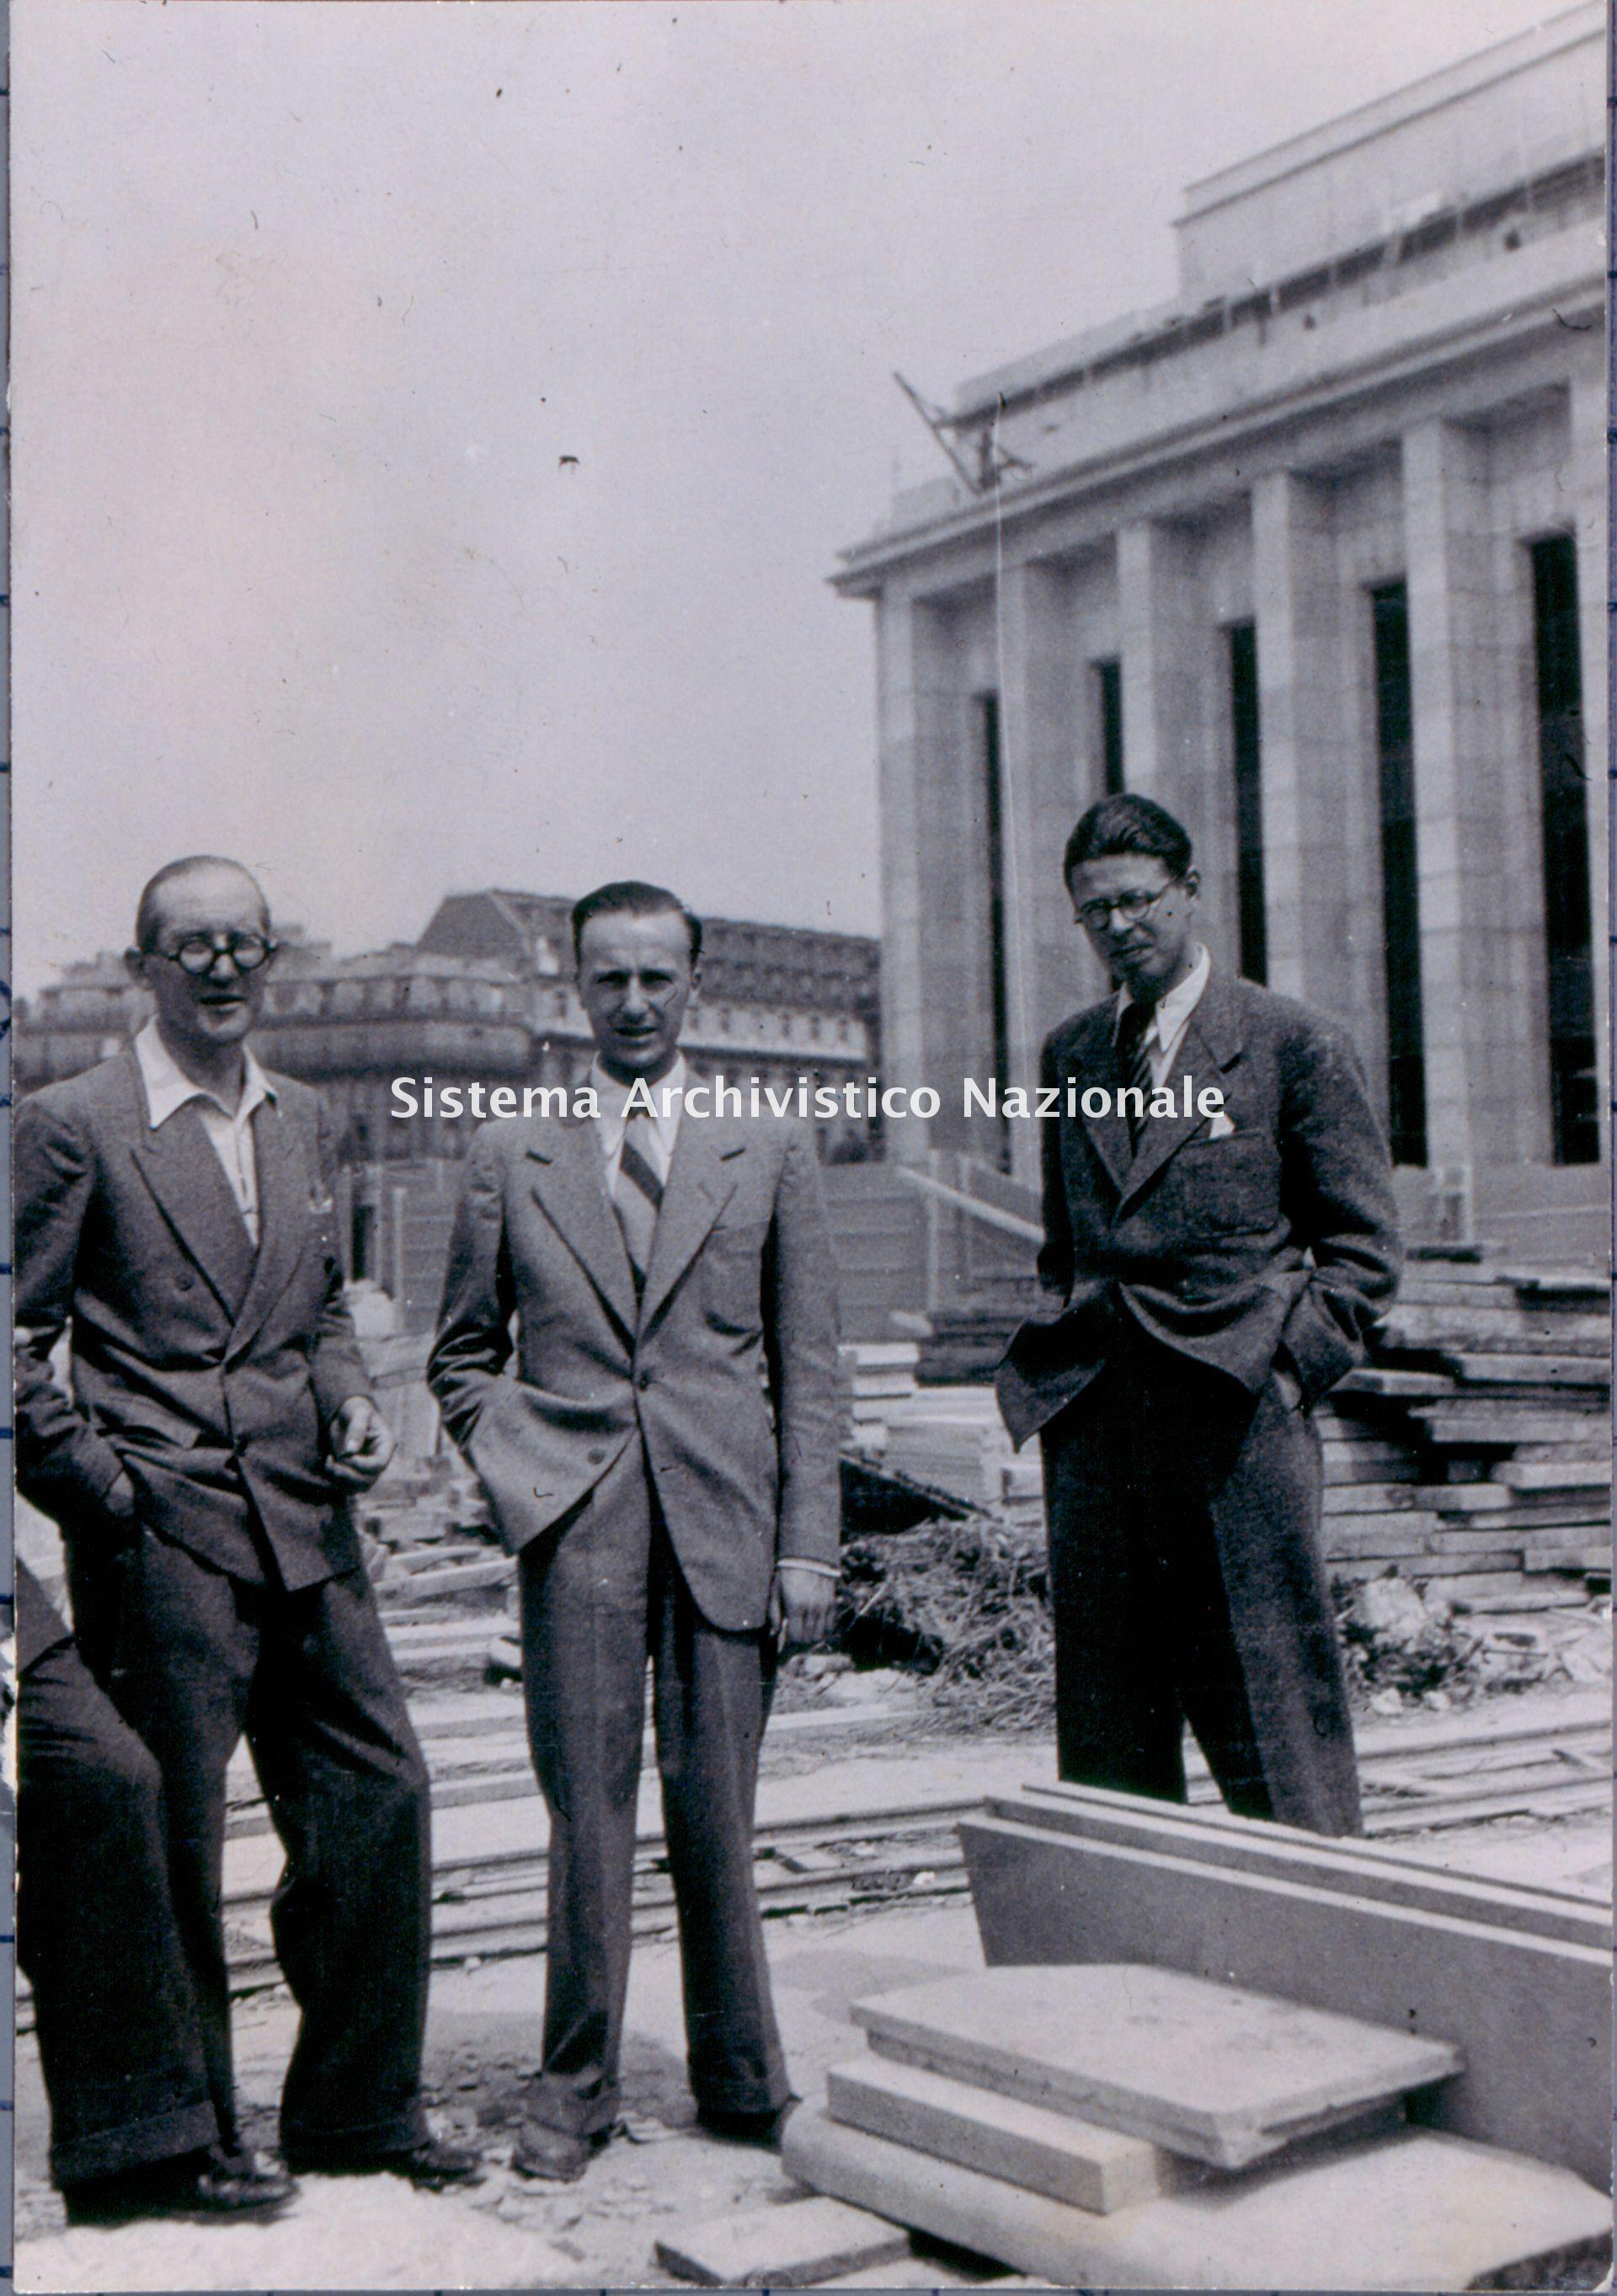 Angelo Bianchetti e Le Corbusier, Parigi 1937